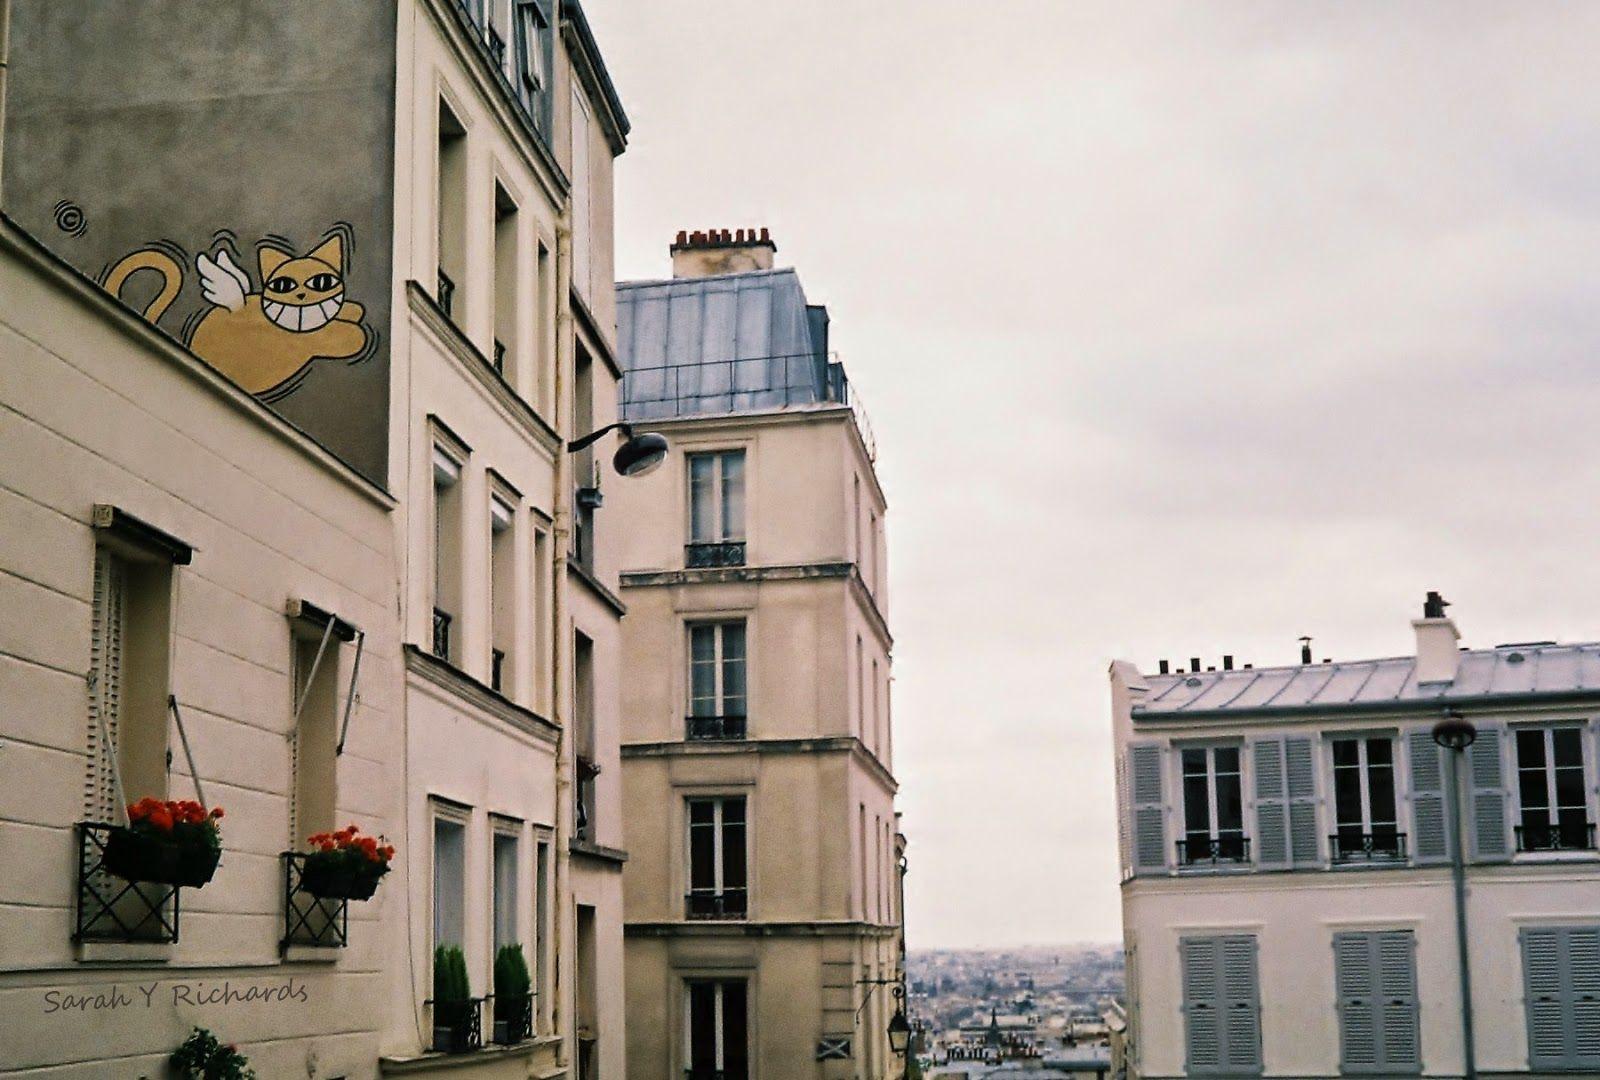 Things #gratis at # Paris! No. 27 see the street art in the city, more tips here https://bit.ly/1yvMOn8                                             ******                              Cosas #gratis en #París! N° 27 ver el arte callejero de la cuidad, más consejos aquí https://bit.ly/1yvMOn8 #travel #viajar #Paris #Tips #consejos #París #Francia  #France #Europe #Europa #mochilero #backpacker